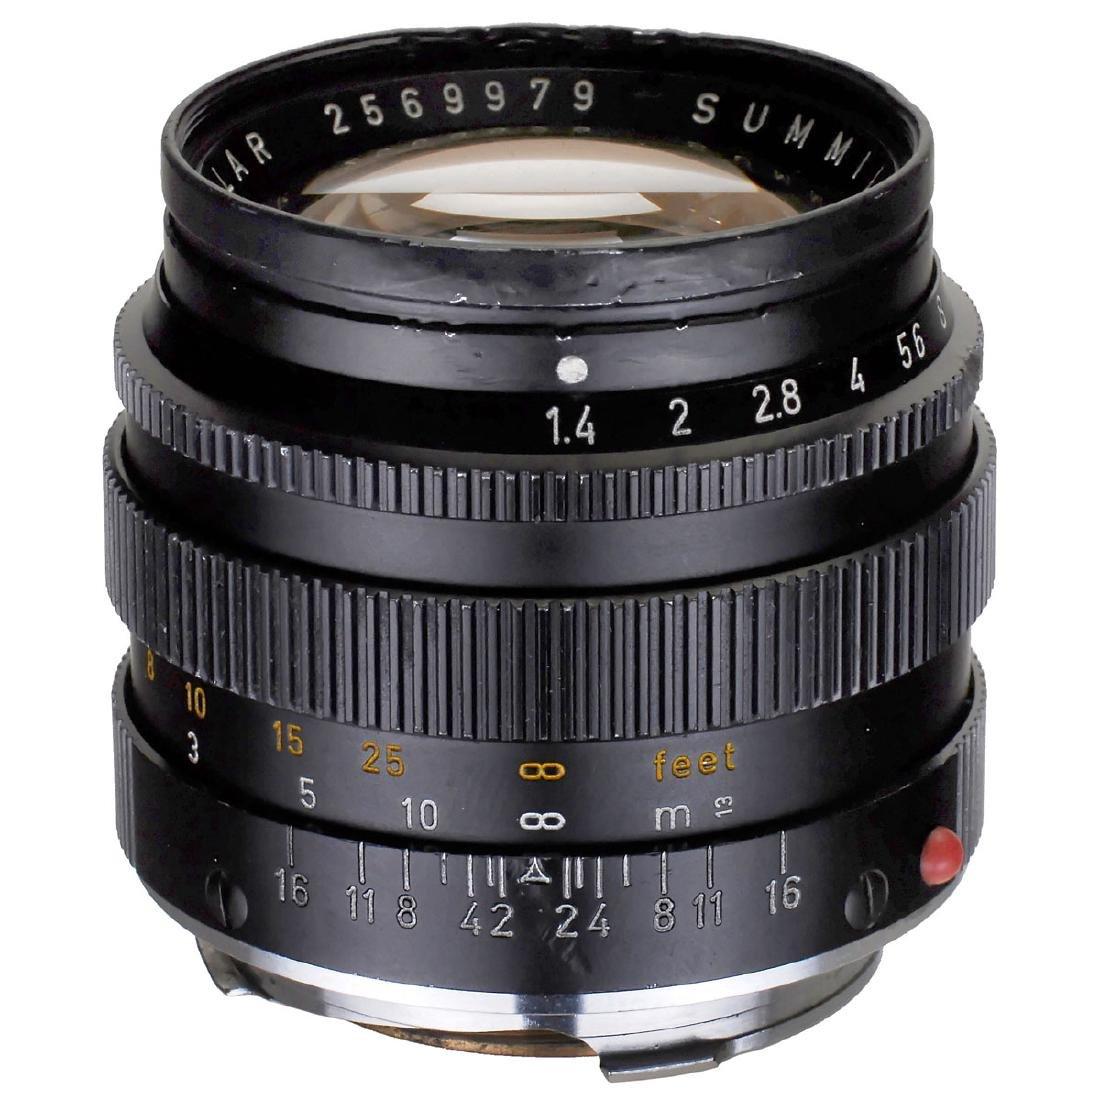 Summilux 1,4/50 mm, 1973